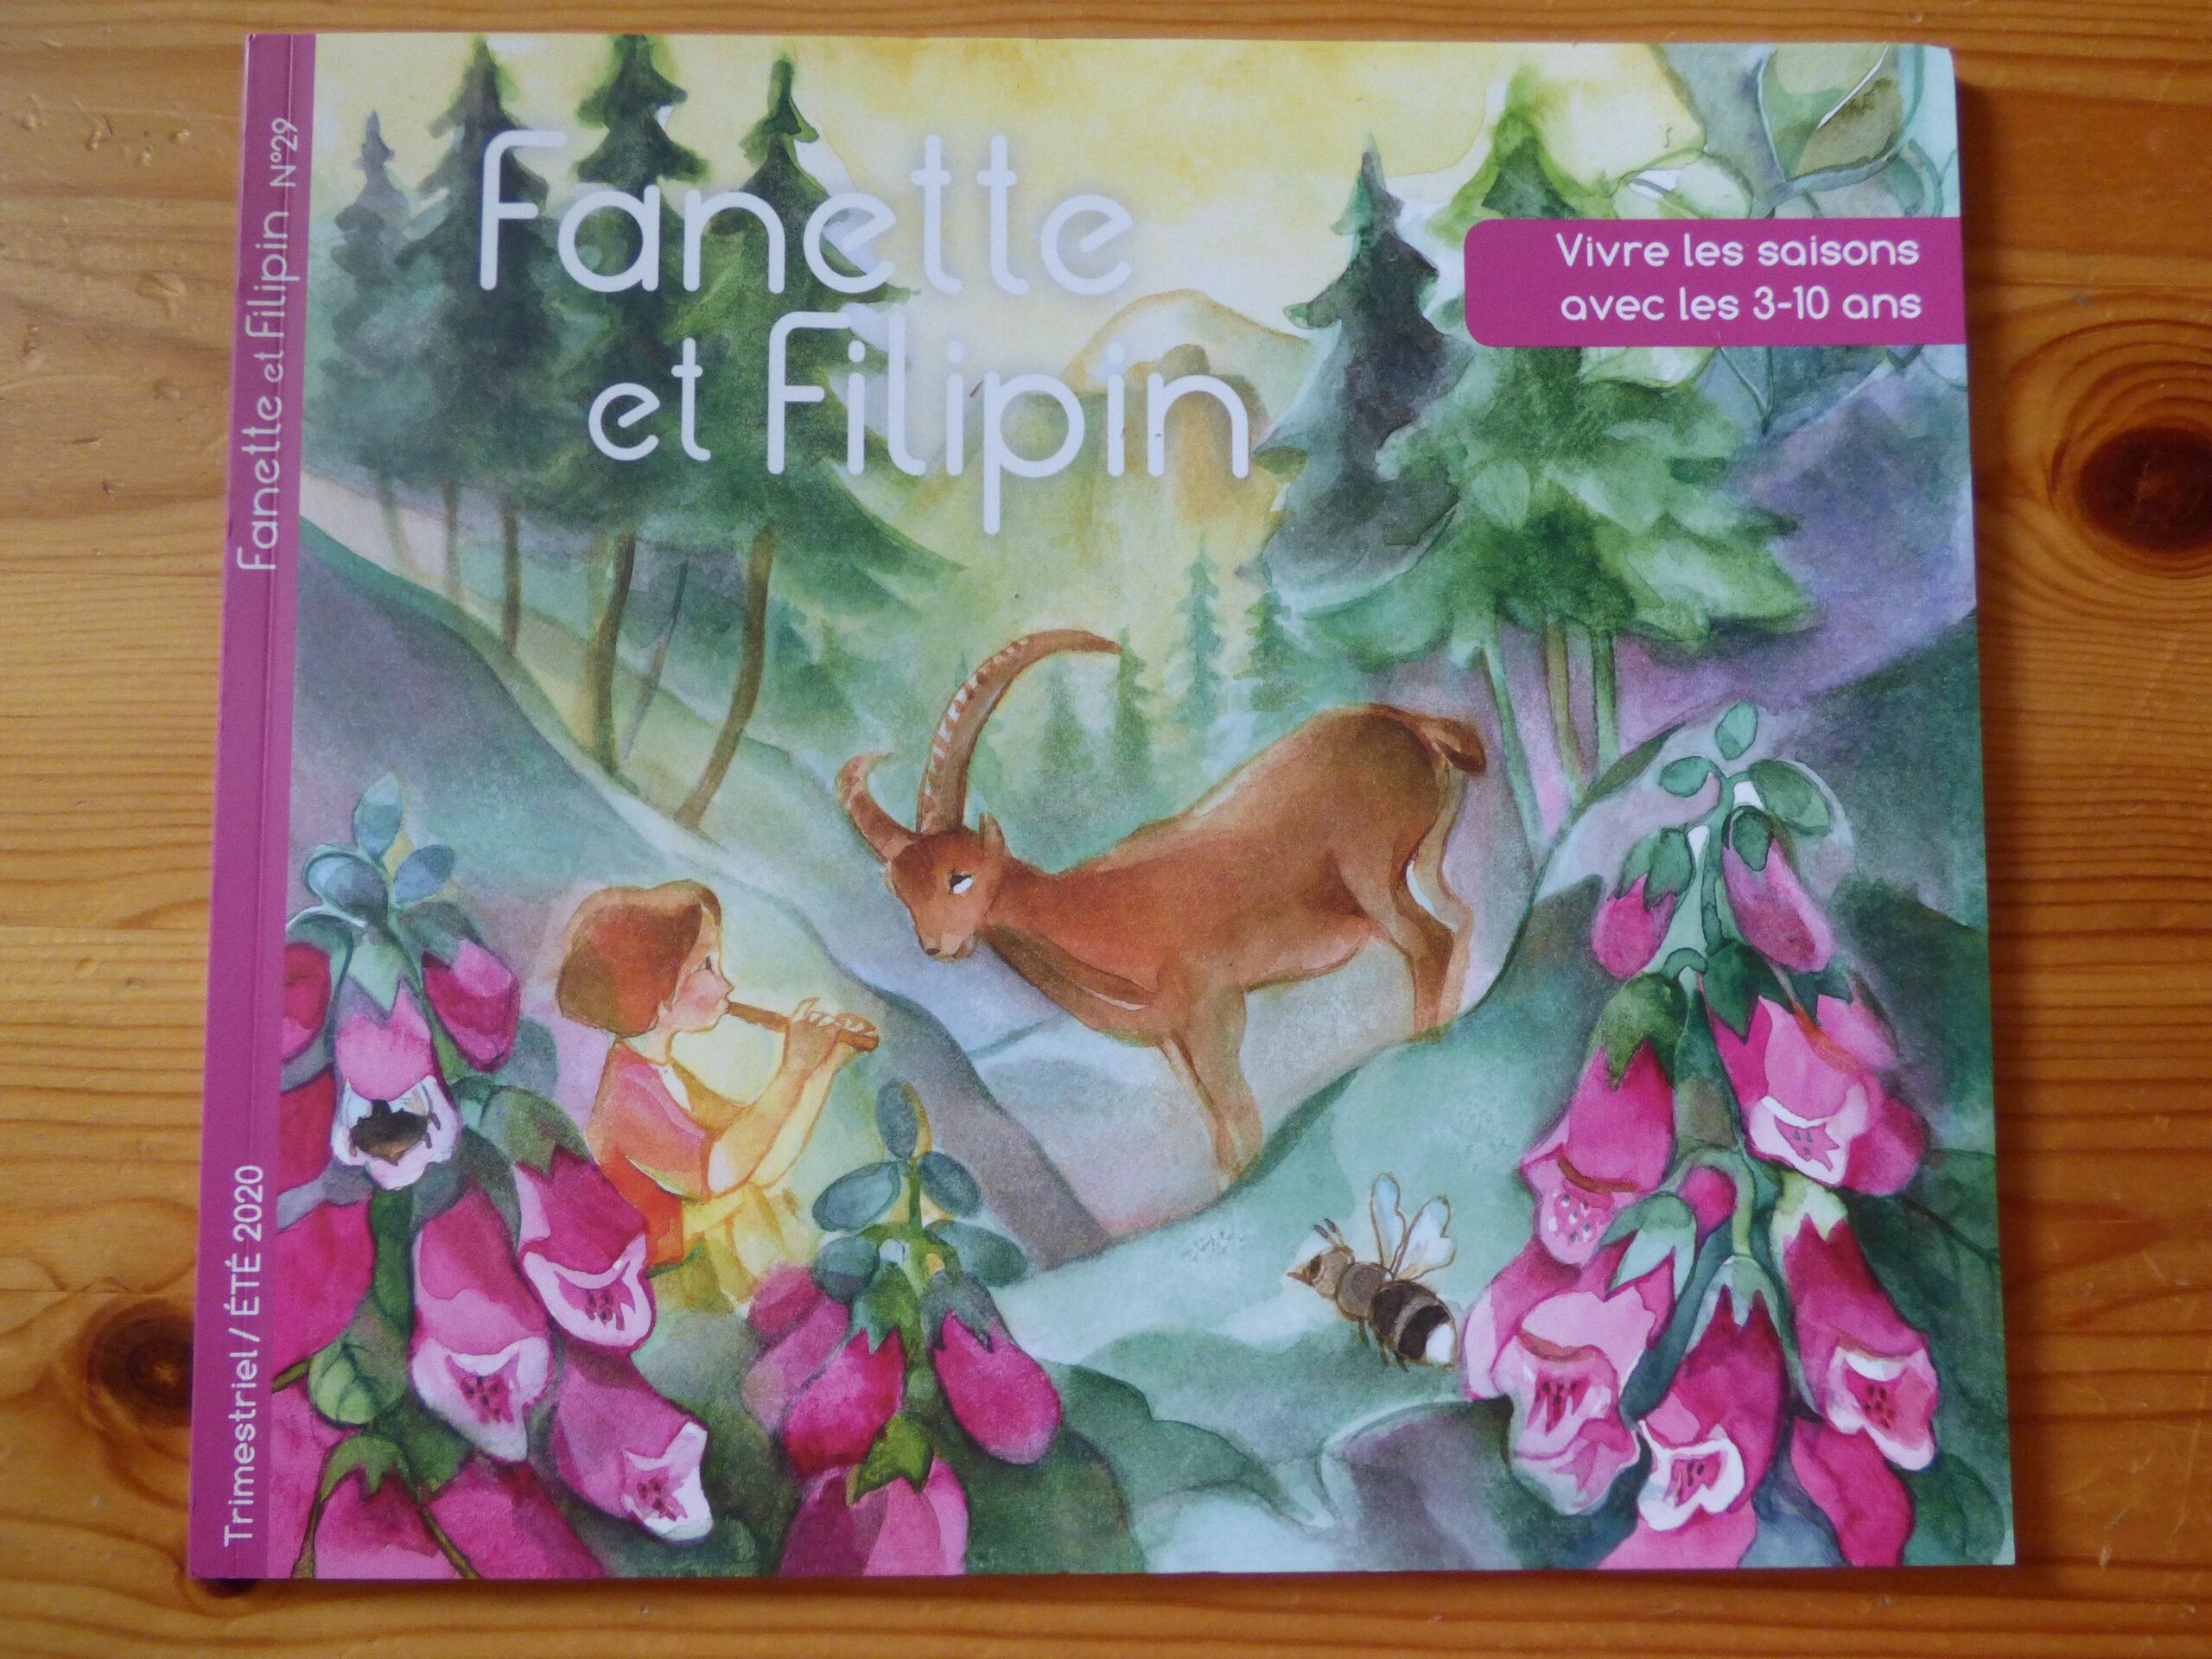 Fanette et Filipin été 2020, couverture